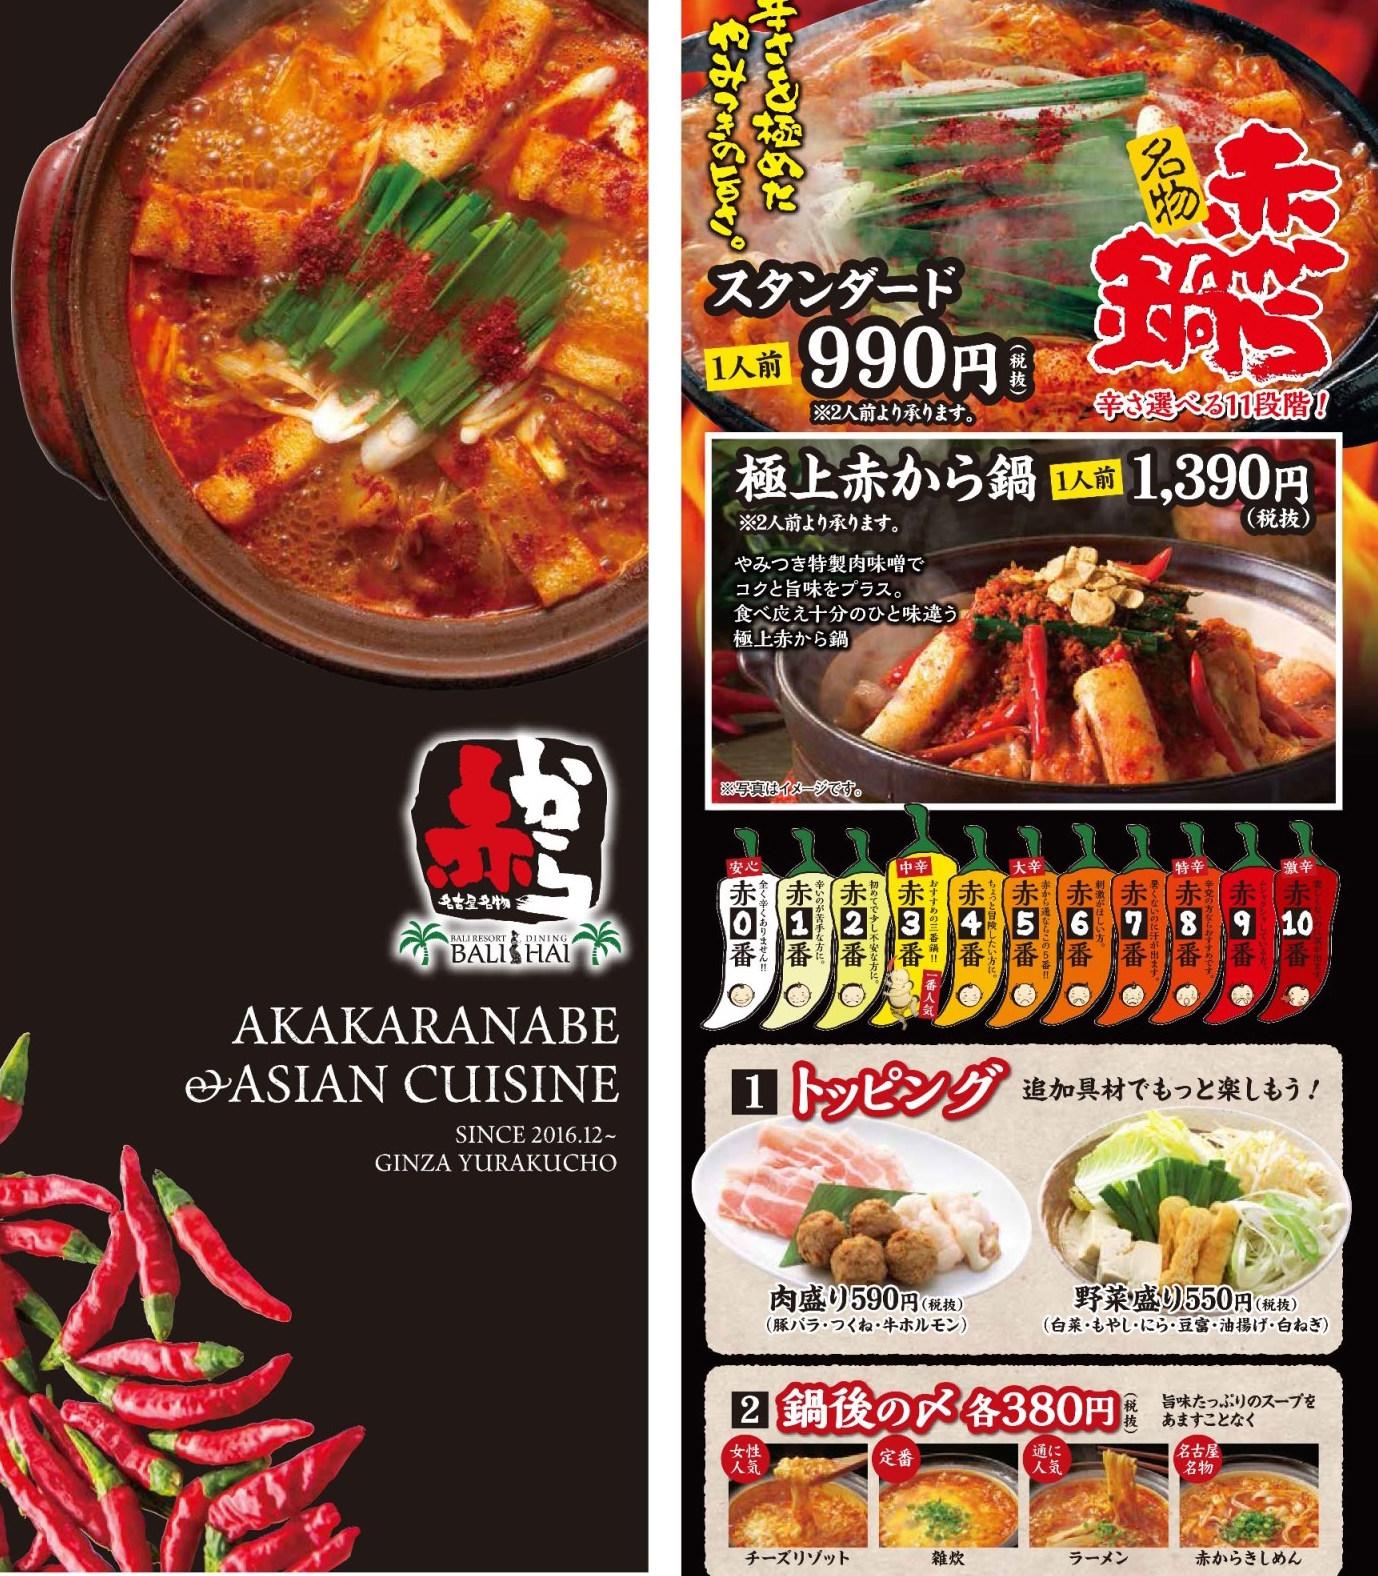 「赤から」にアジアン要素を融合。特に今の季節はアツアツ鍋料理がおすすめ。